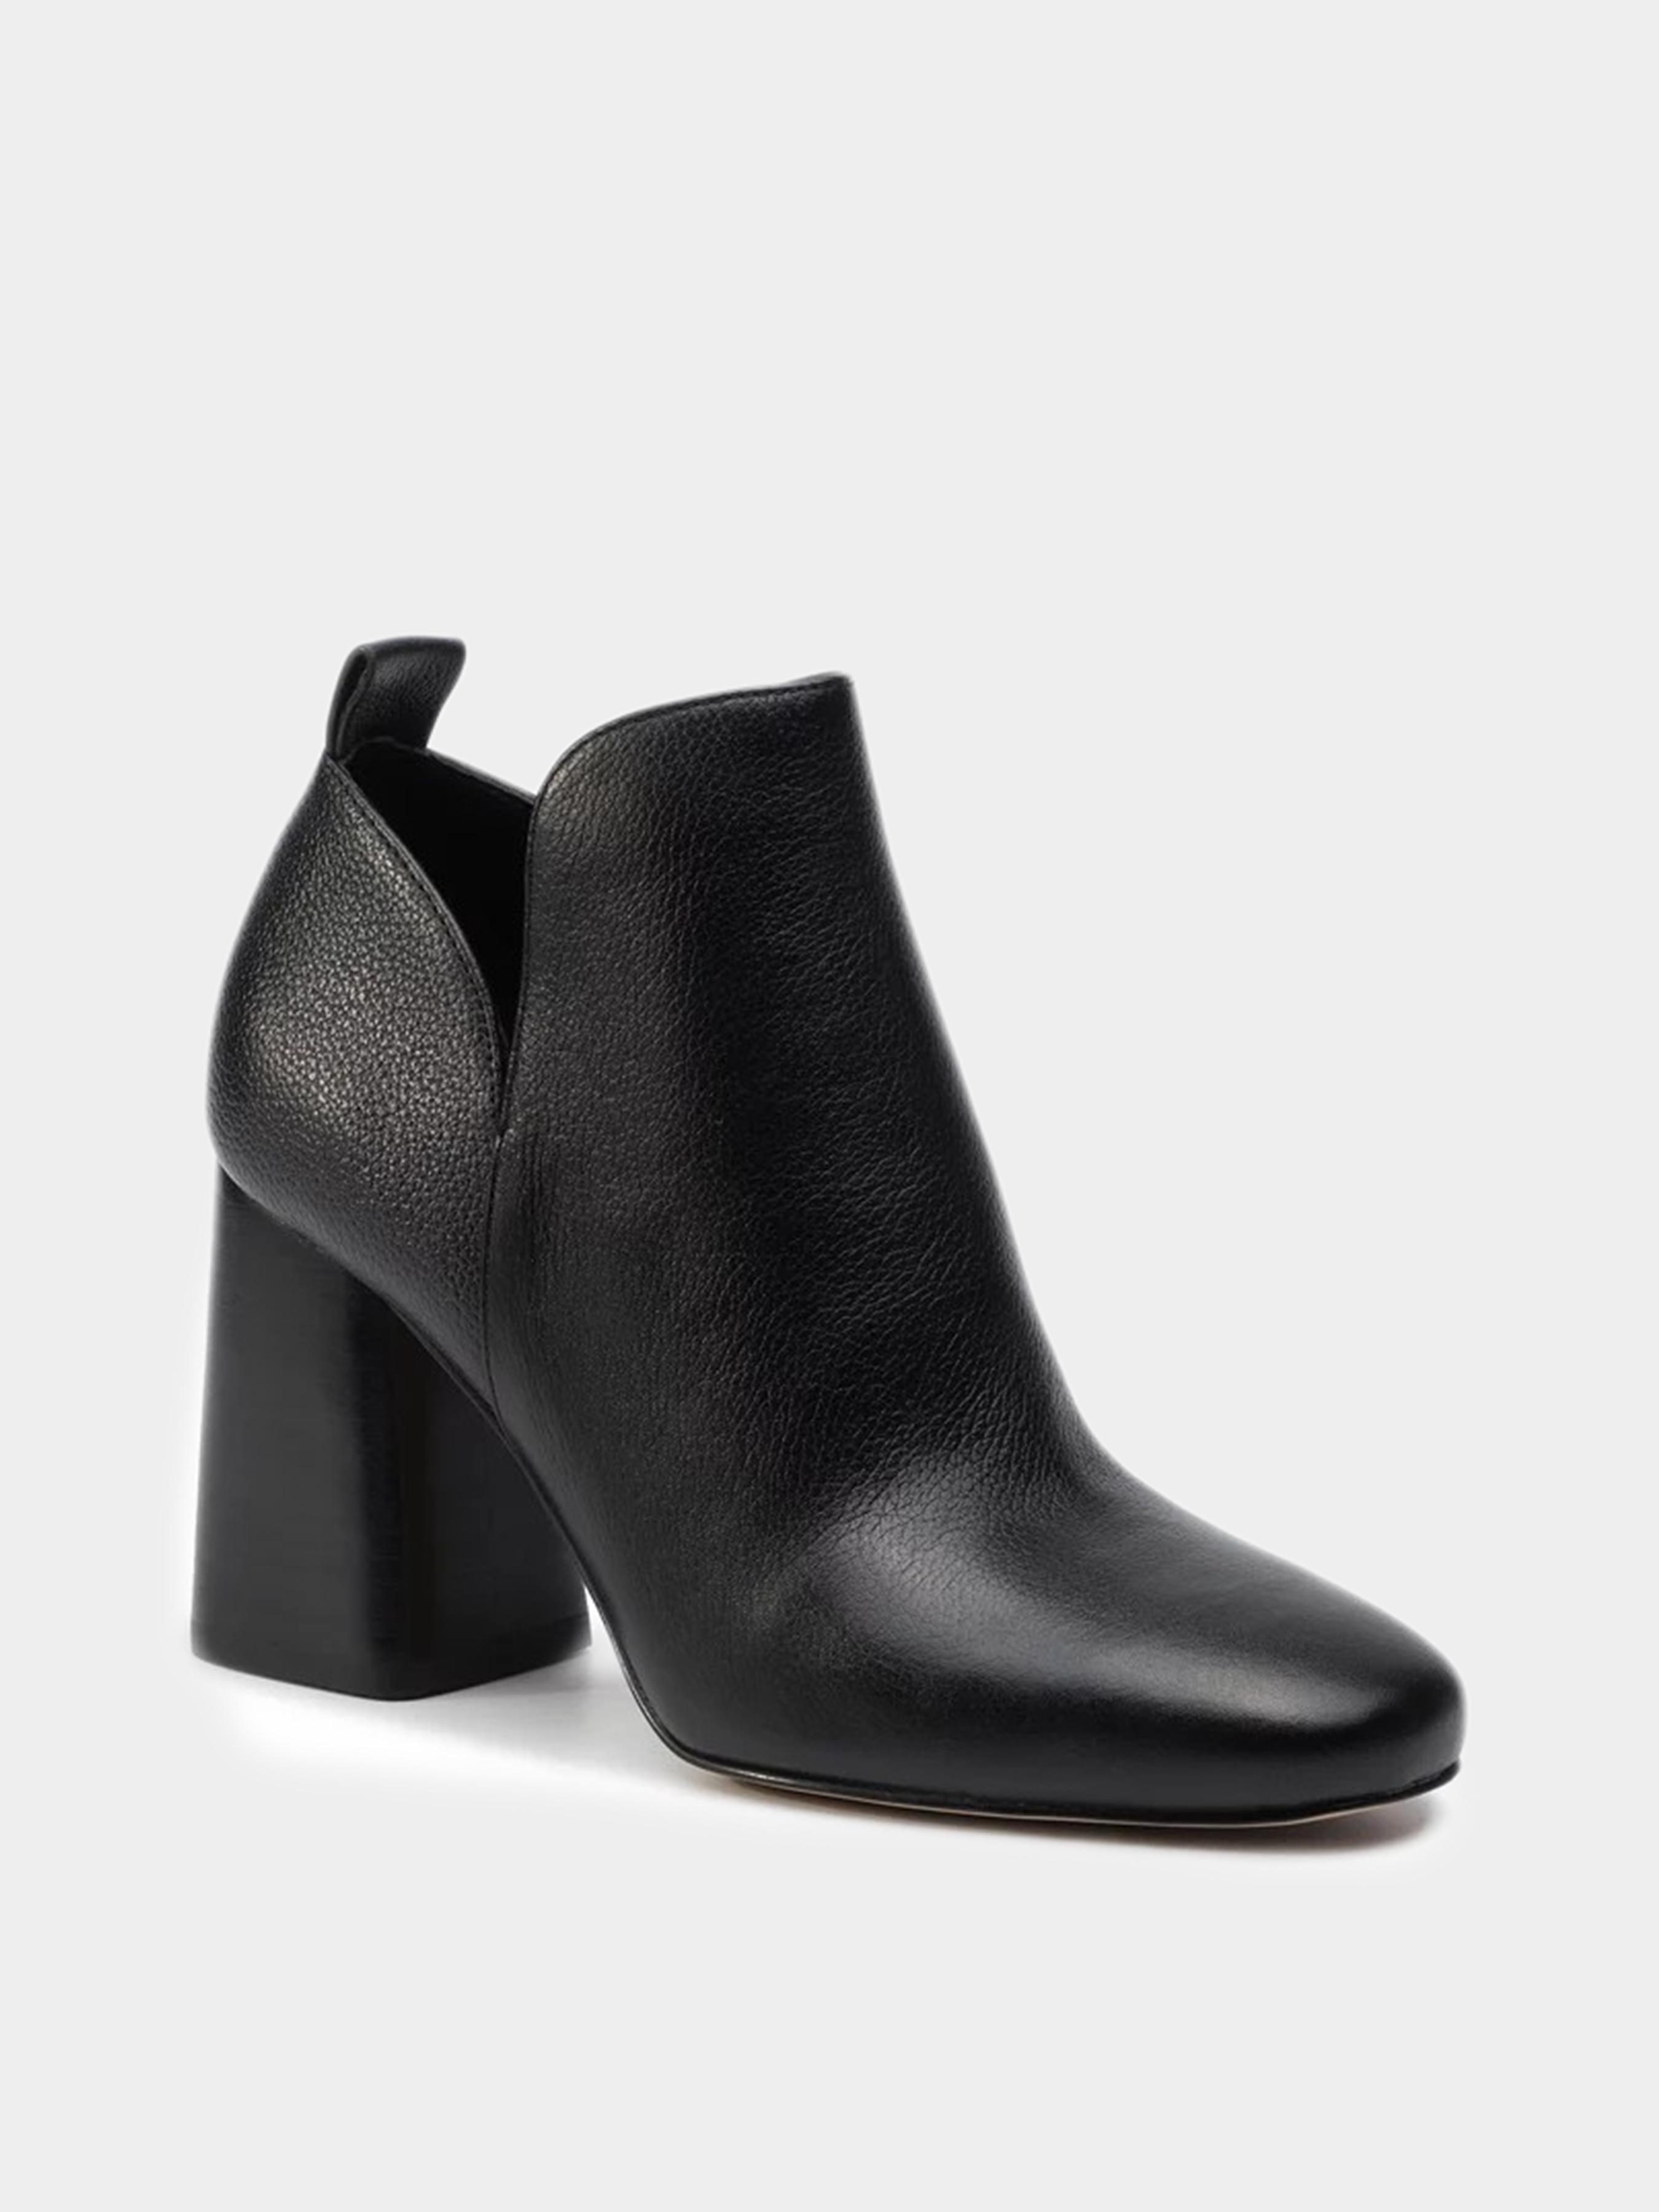 Ботинки женские Michael Kors 4Y37 размеры обуви, 2017